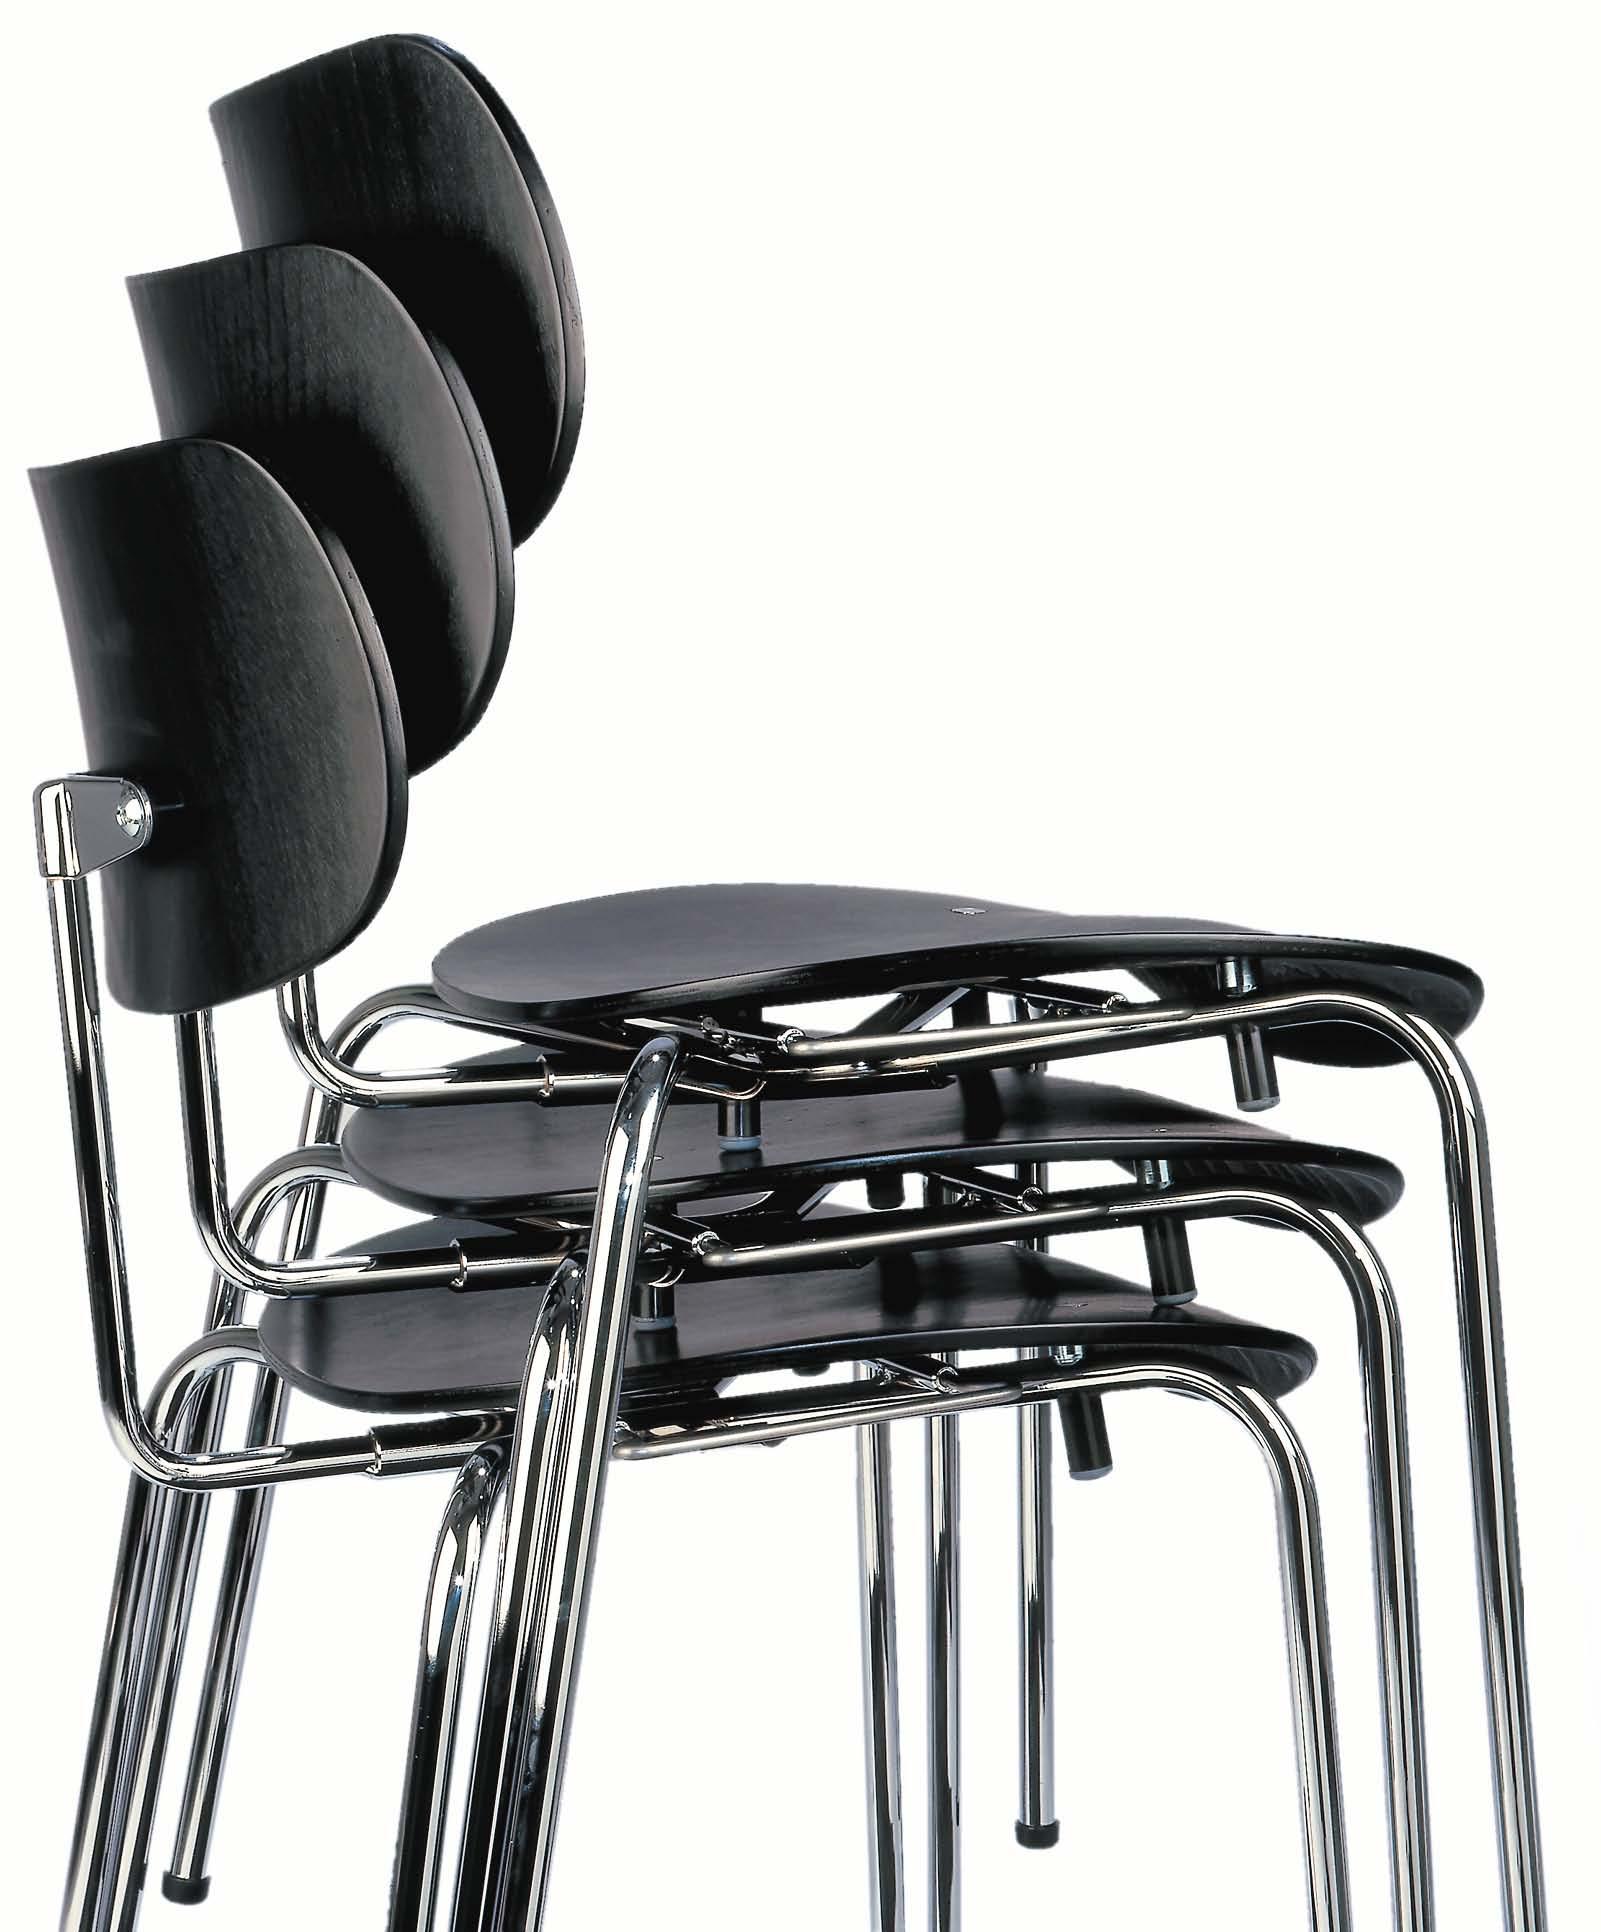 Stapelstuhl Se 68 Su Bord Design Furniture